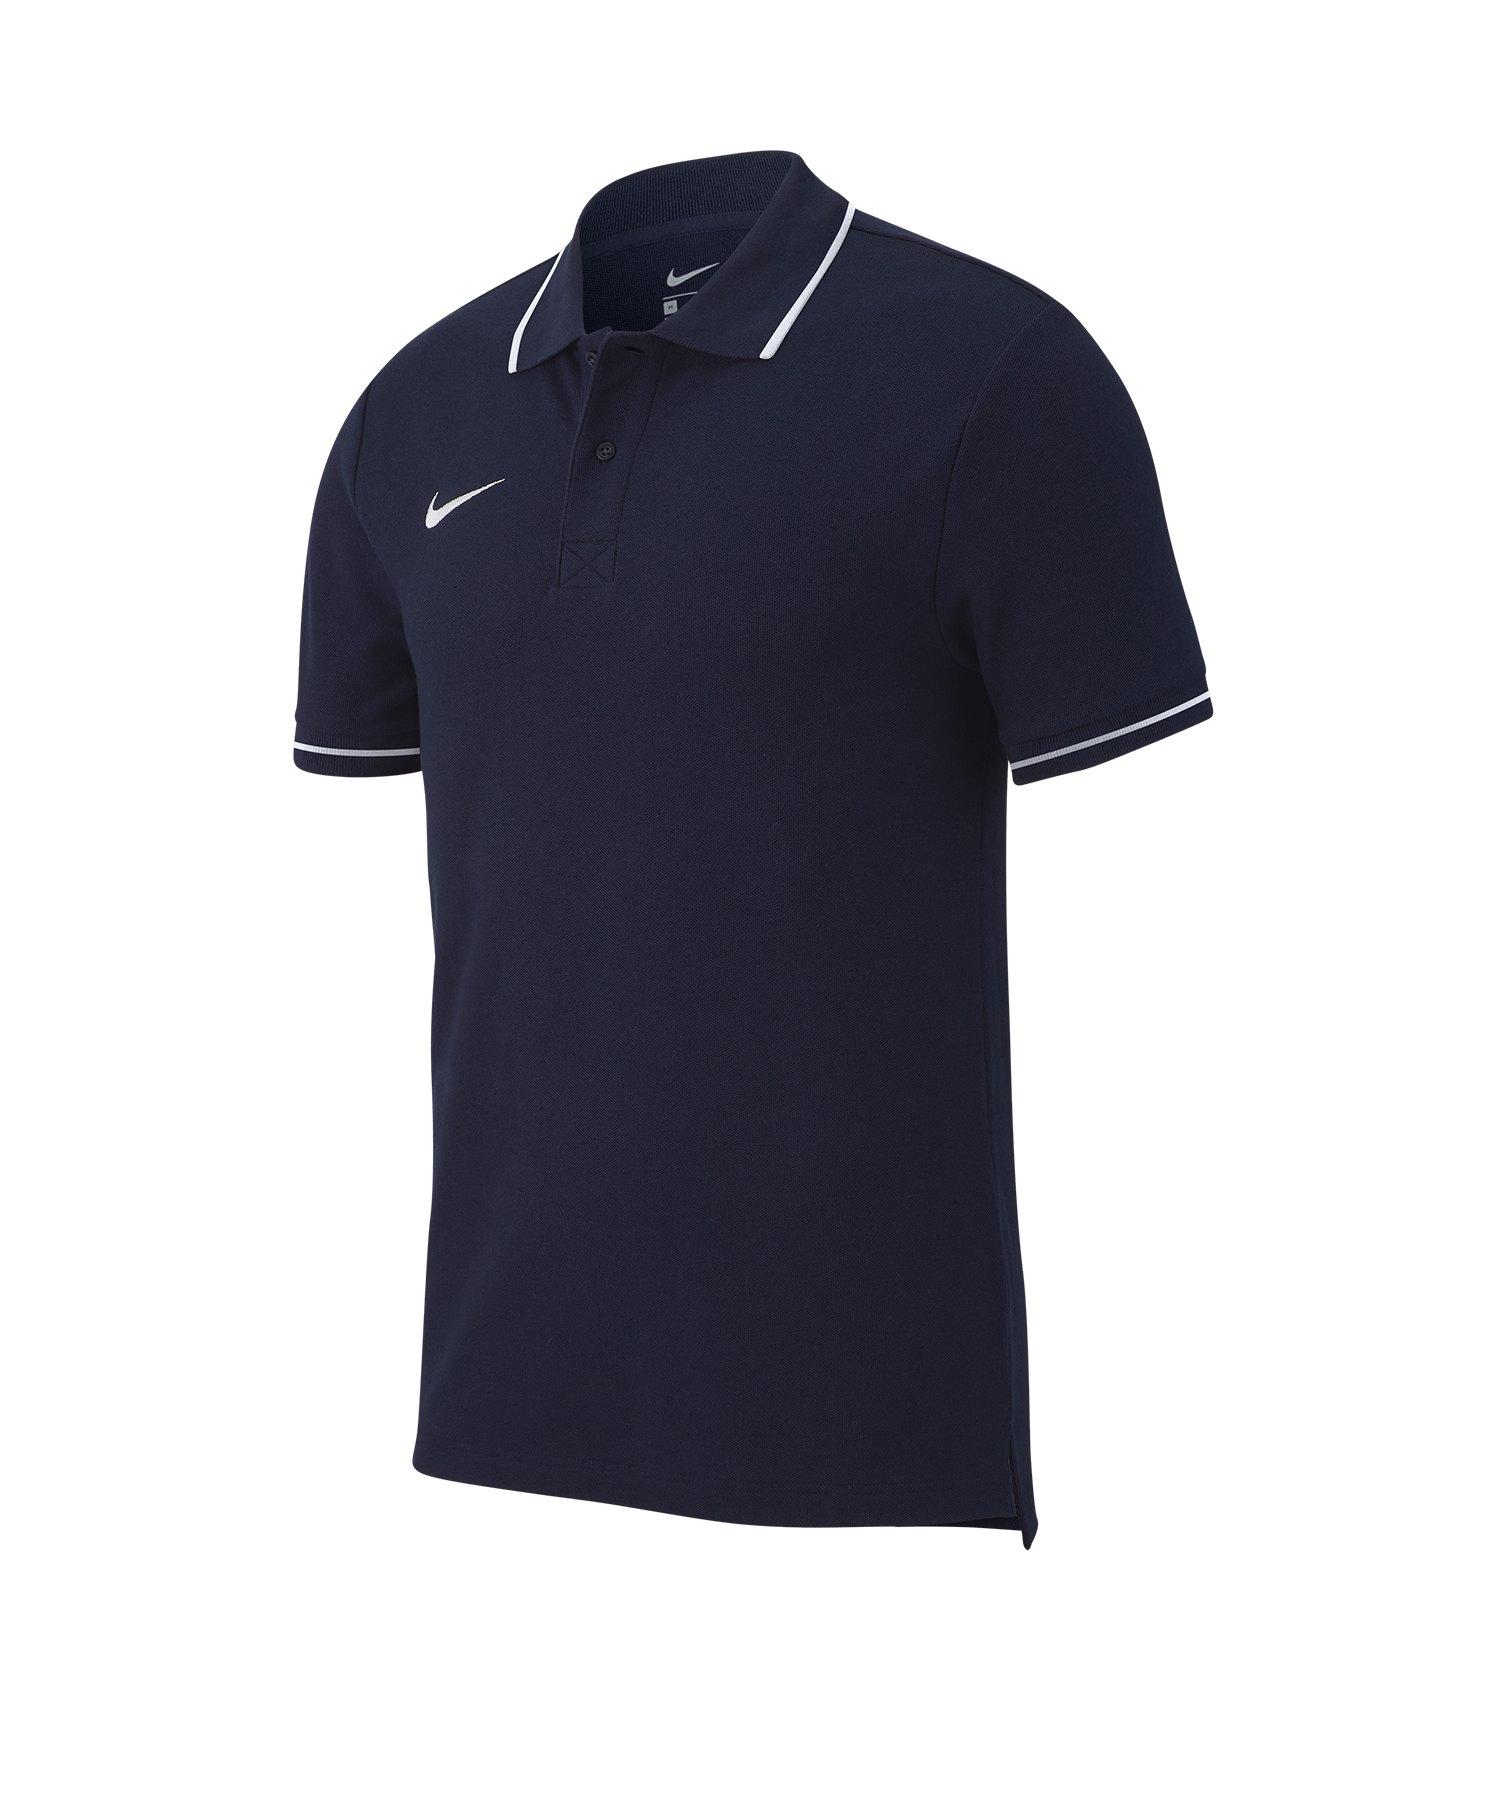 Nike Club 19 Poloshirt Kids Blau F451 - blau